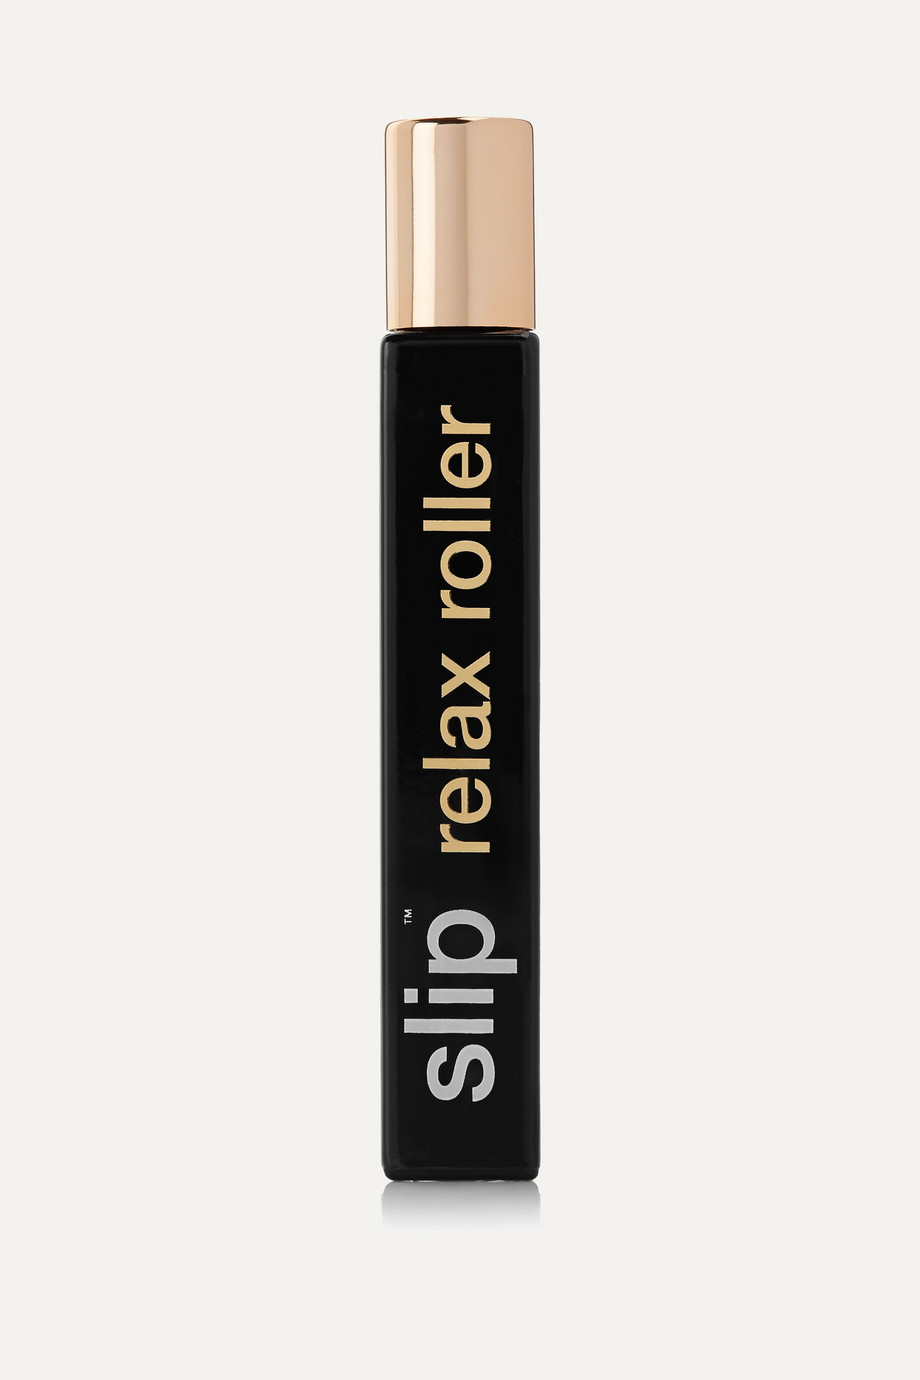 Slip Relax Roller, 10ml